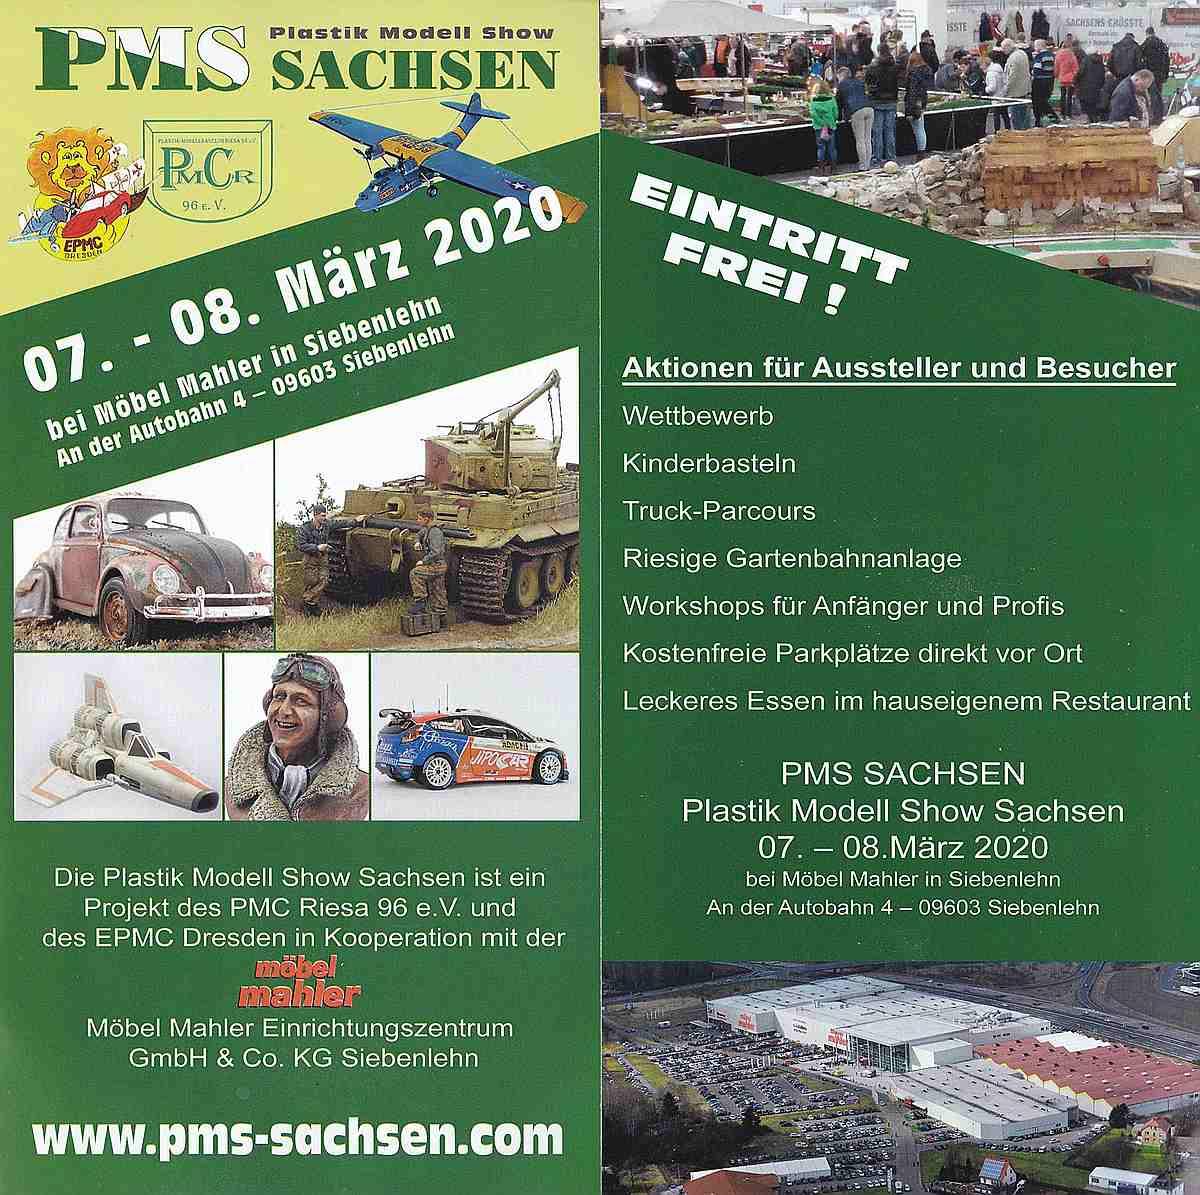 PMS-Sachsen-2020-2 Nicht vergessen: Plastik Modell Show Sachsen am 7./8. März